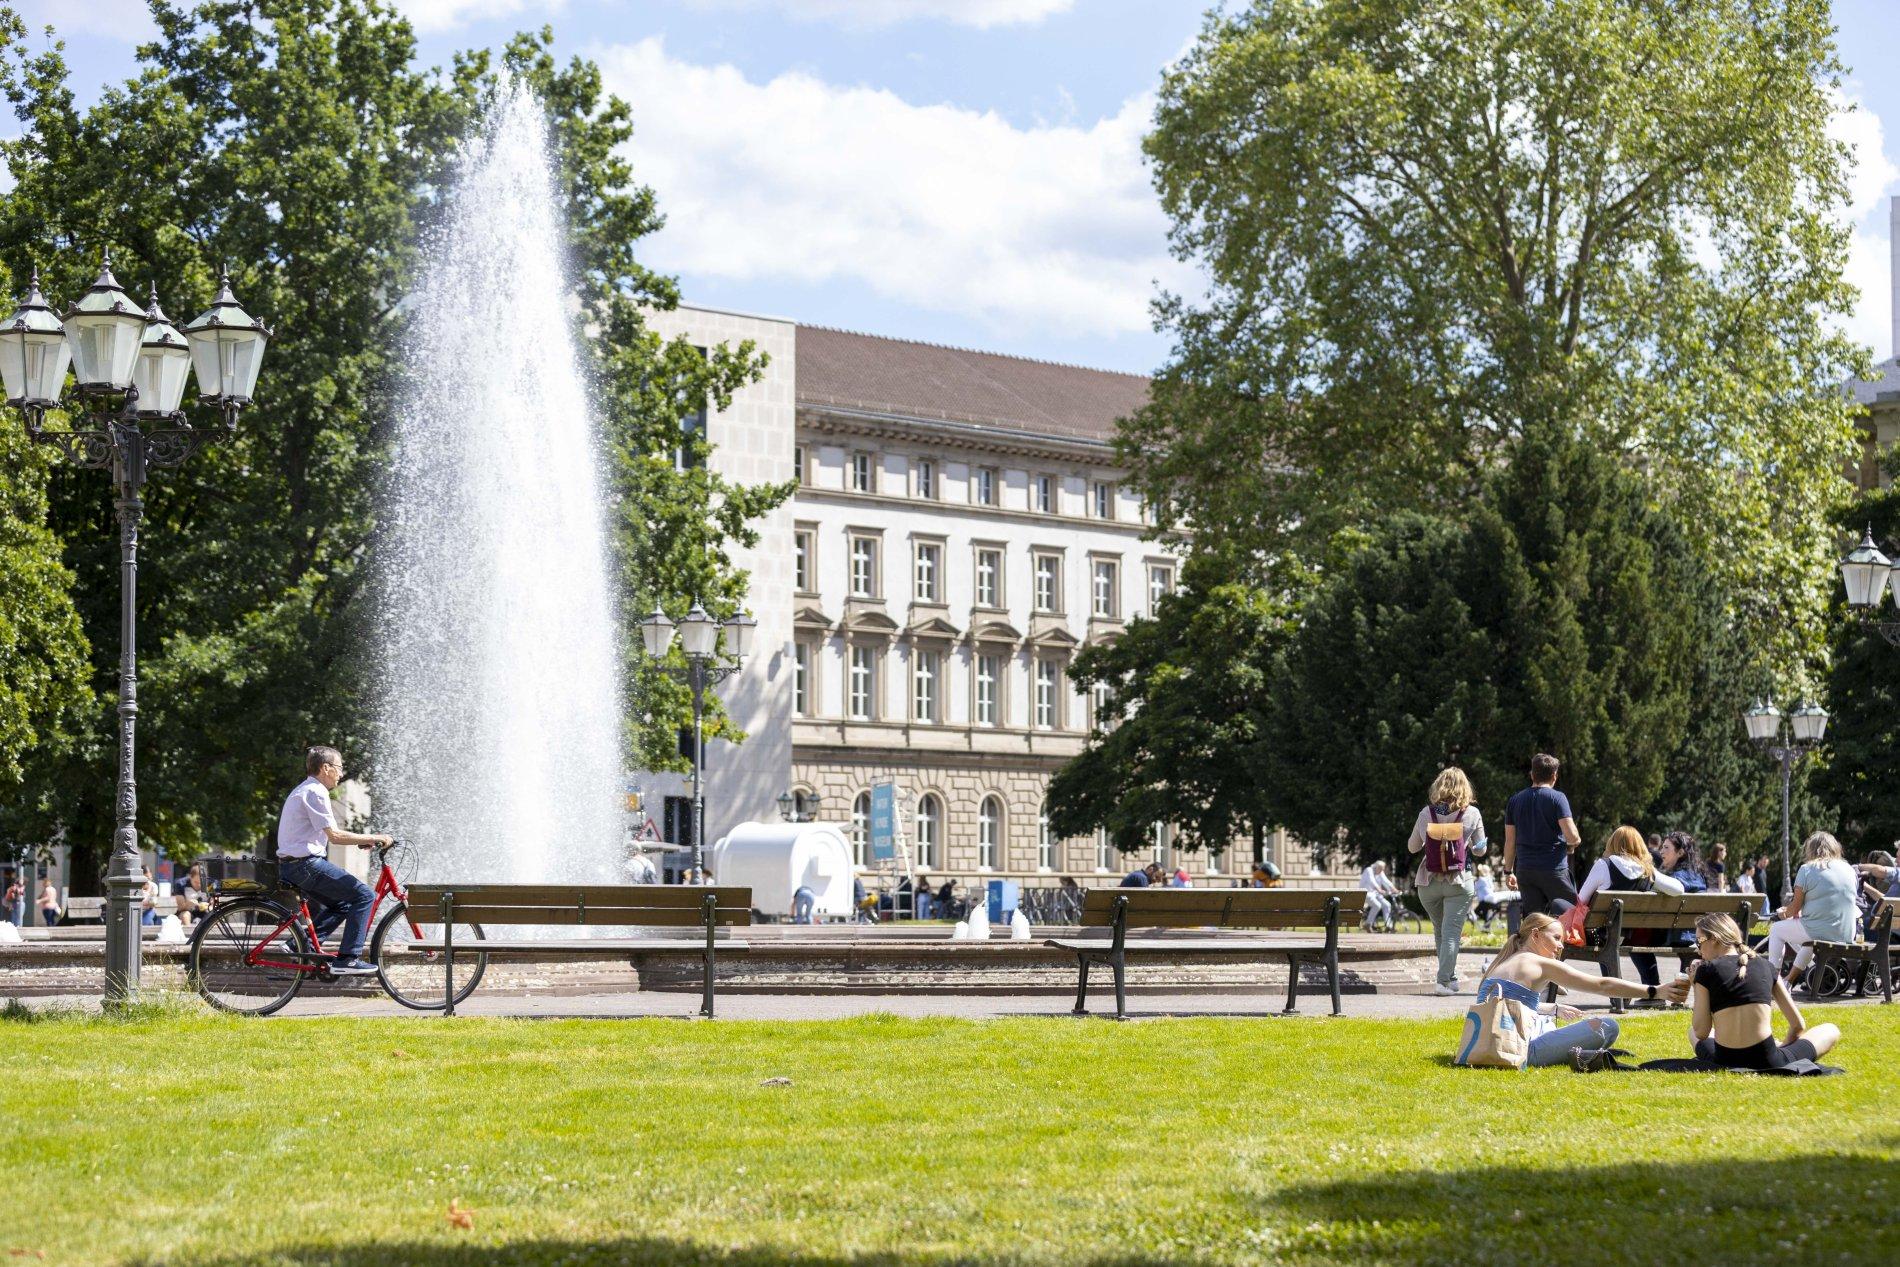 Friedrichsplatz Naturkundemuseum